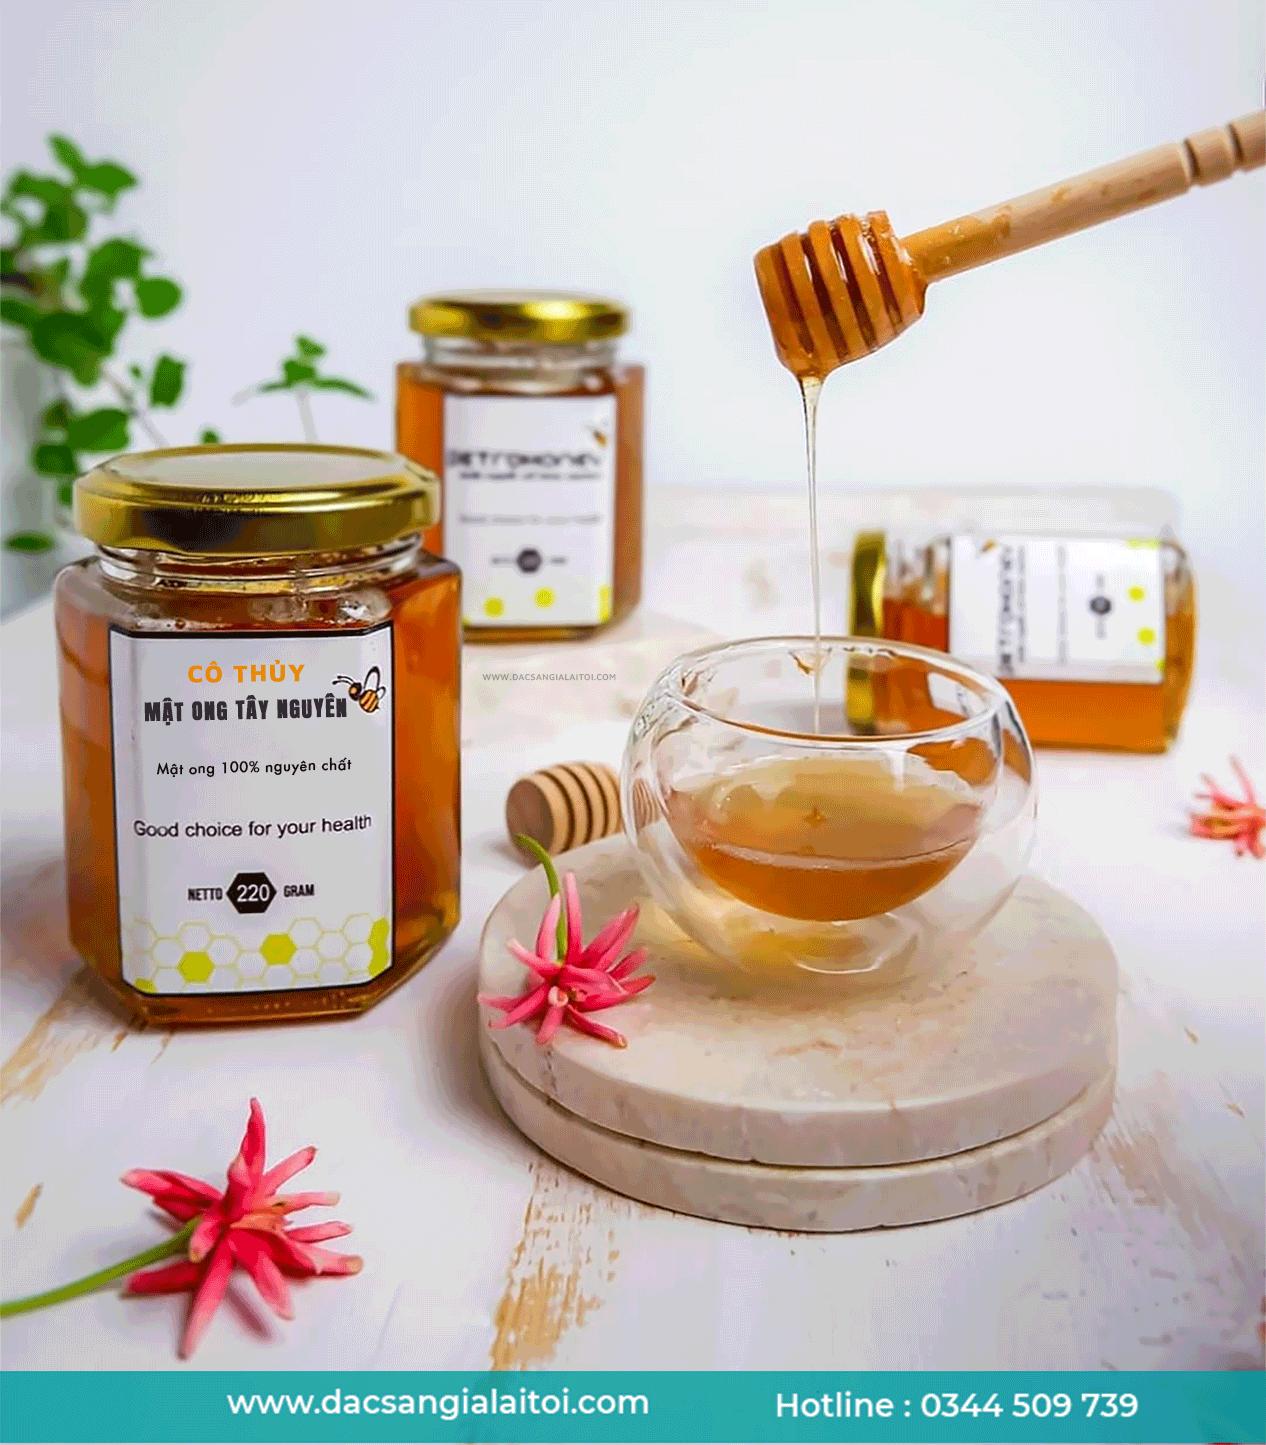 Tác dụng khi uống sữa đặc với mật ong